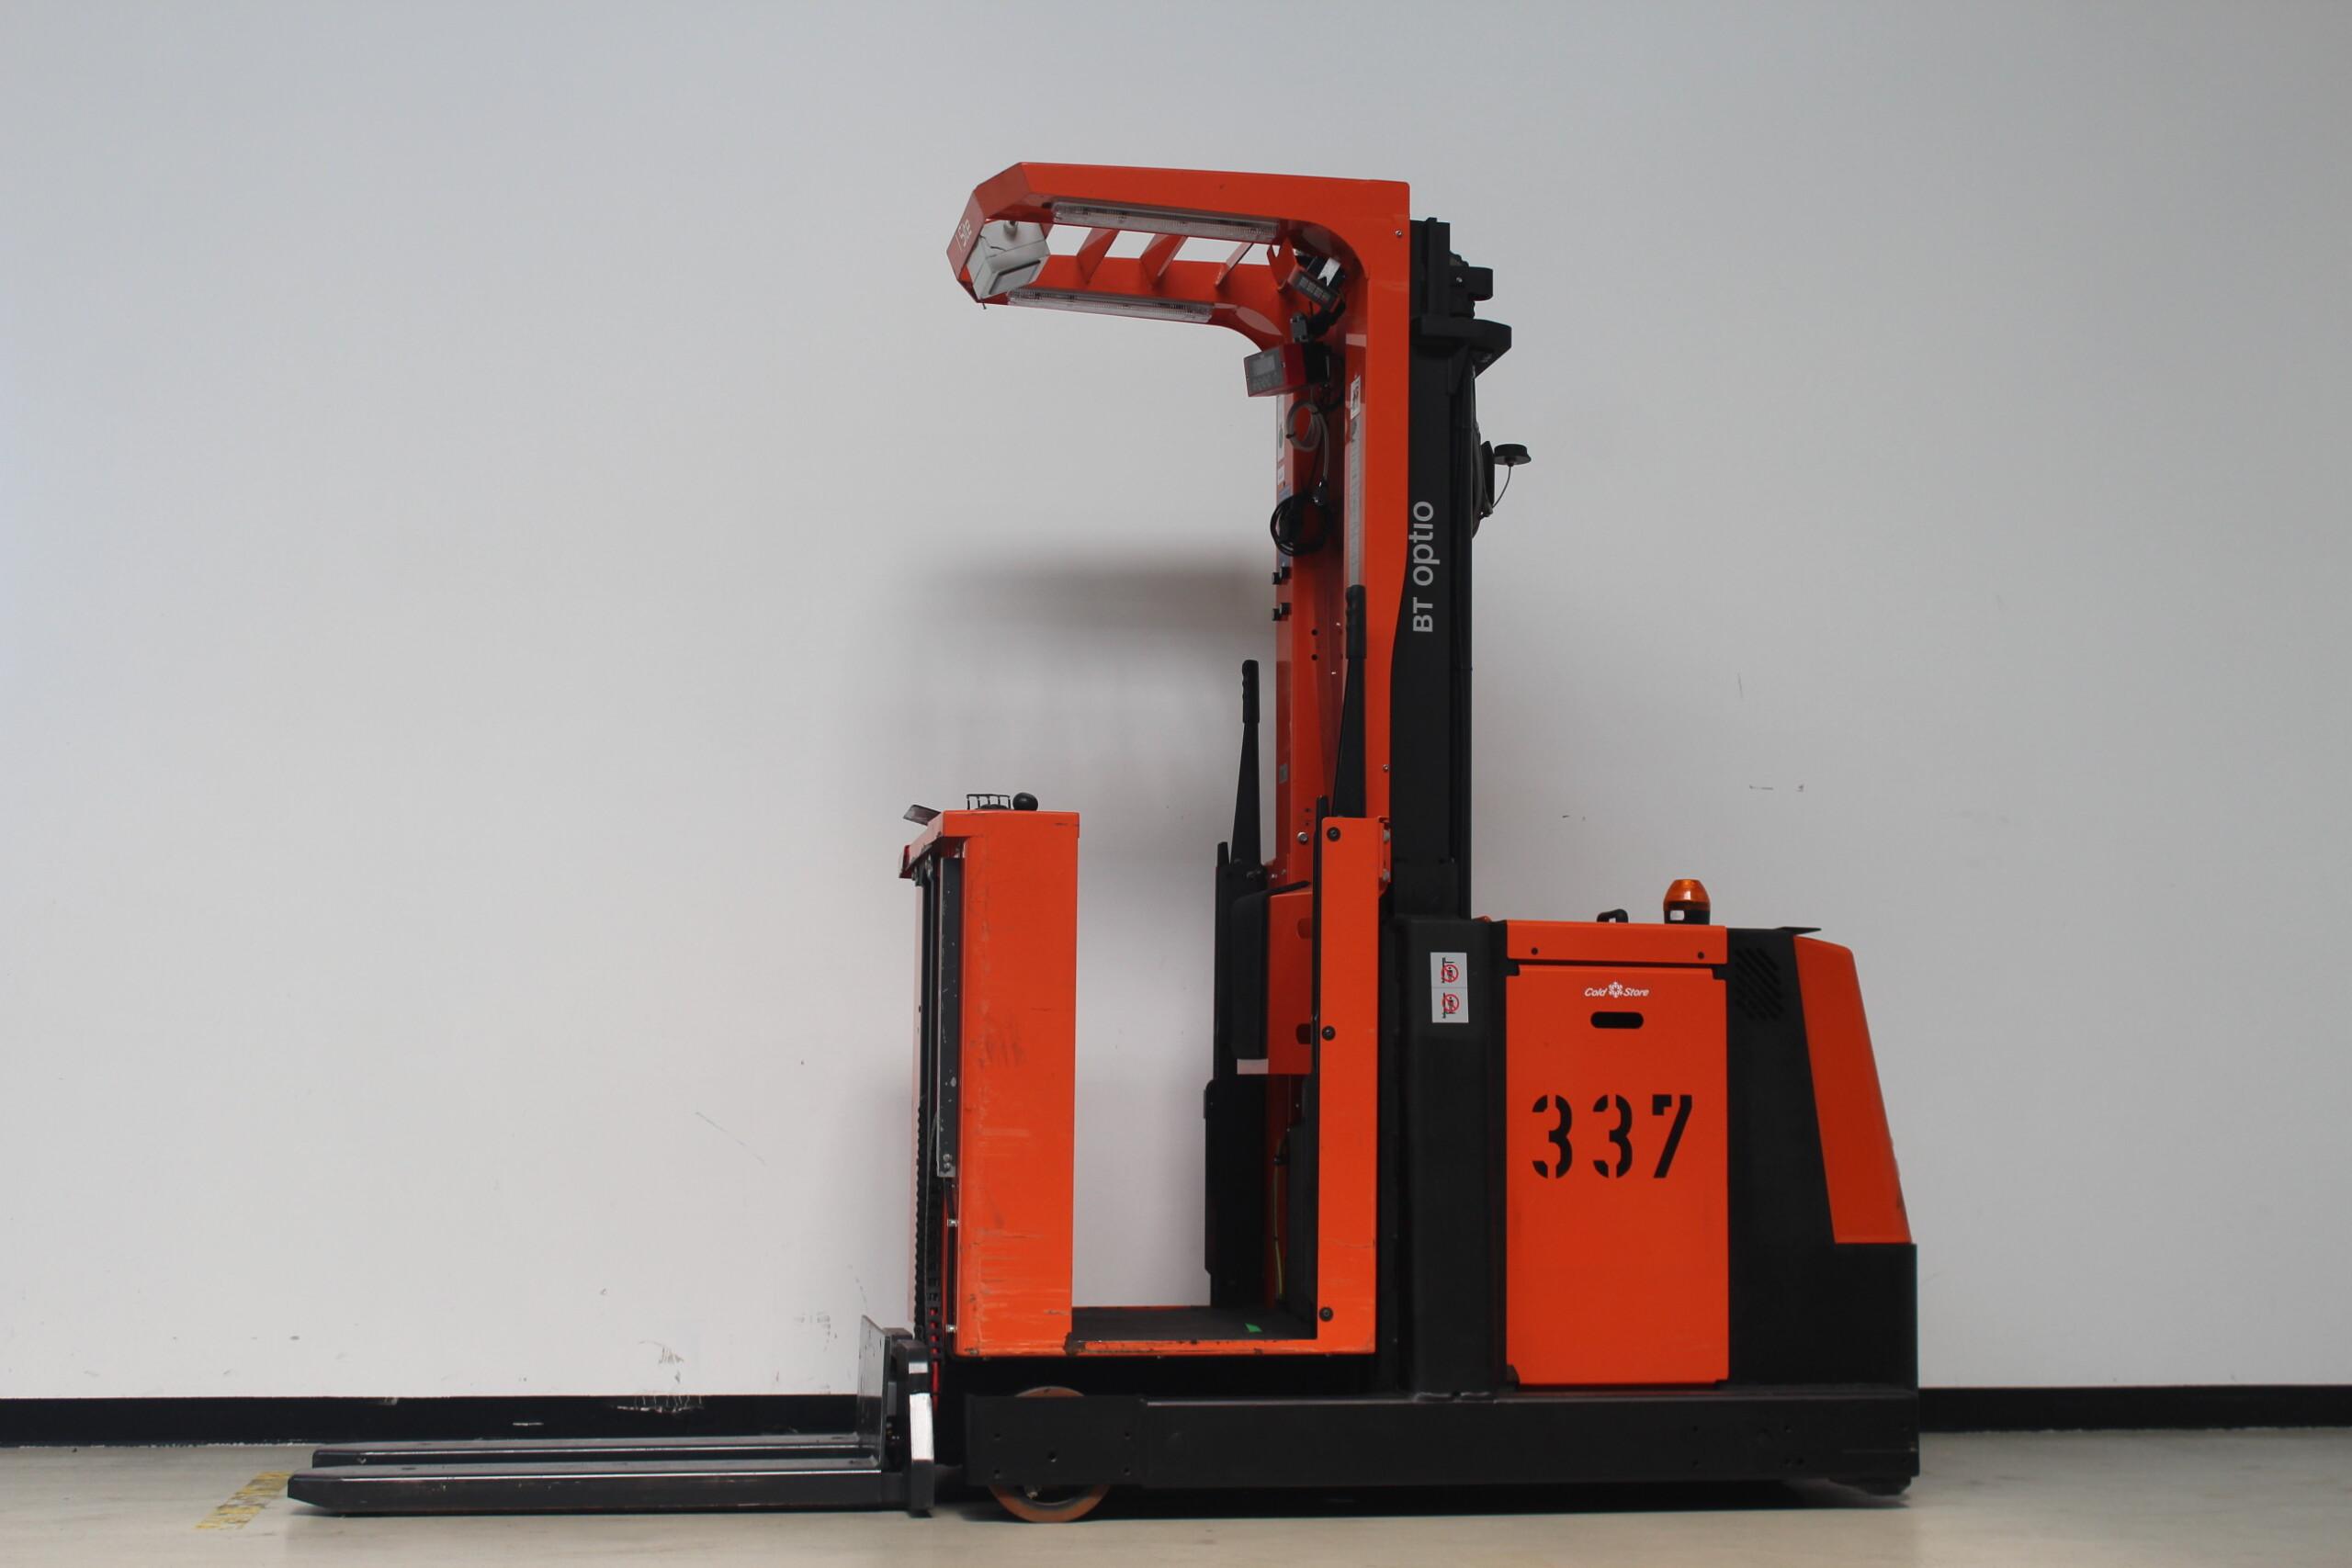 Toyota-Gabelstapler-59840 1409017475 1 33 scaled